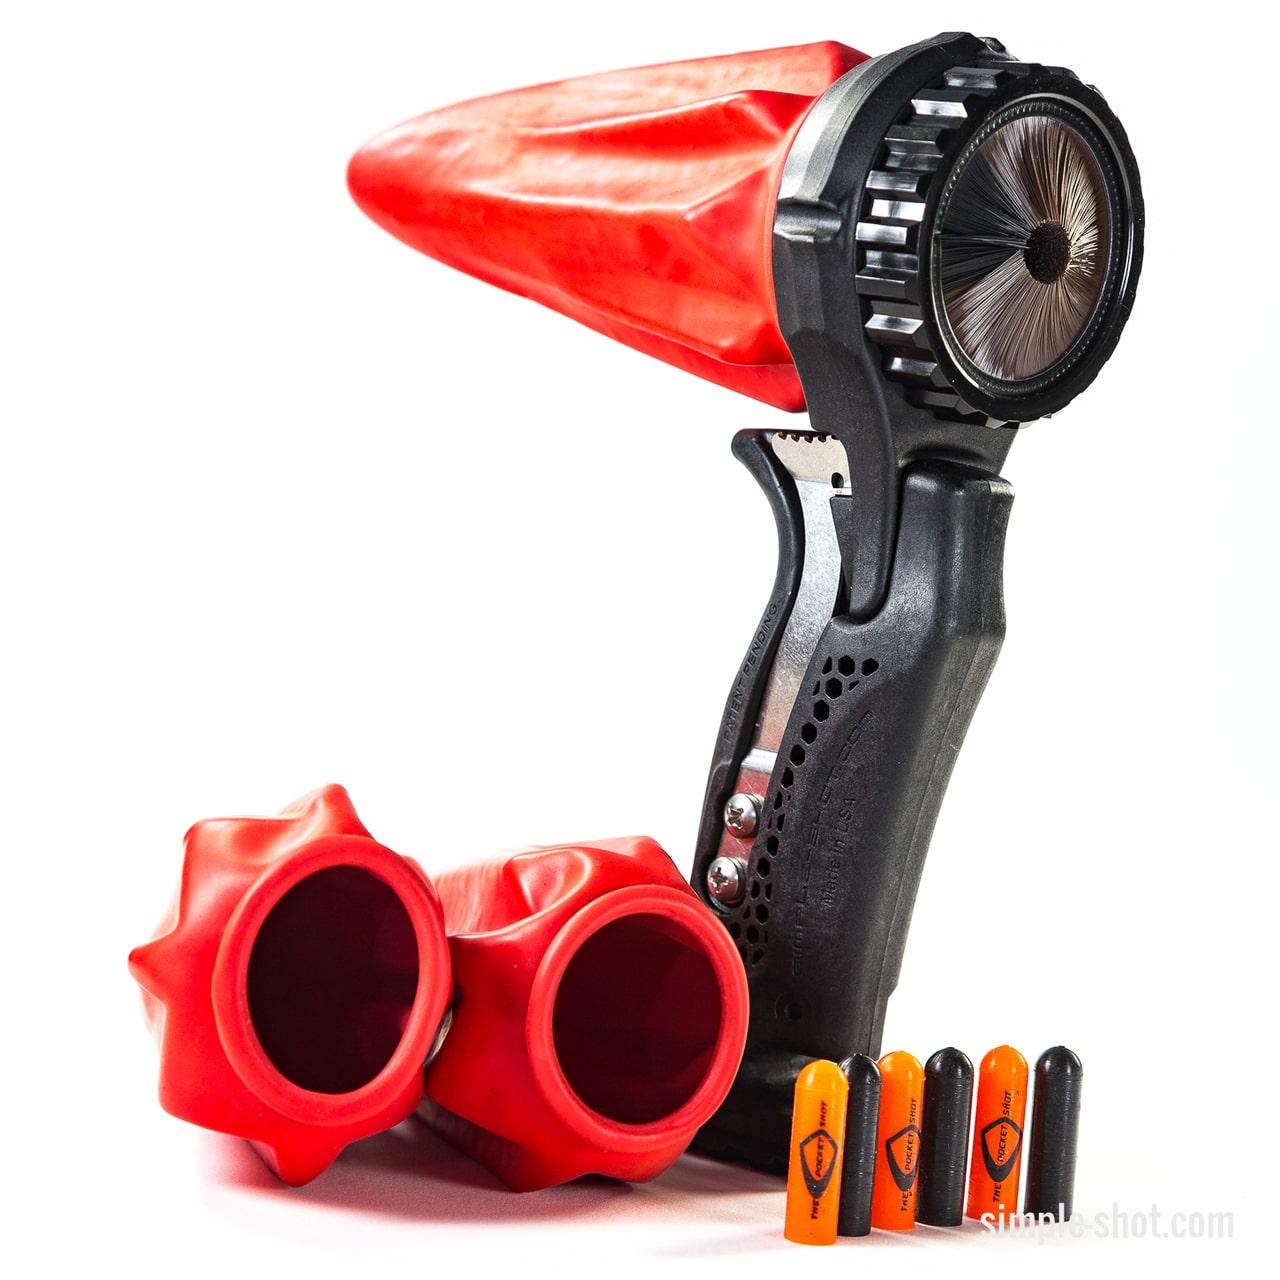 The Pocket Shot Hammer Adapter